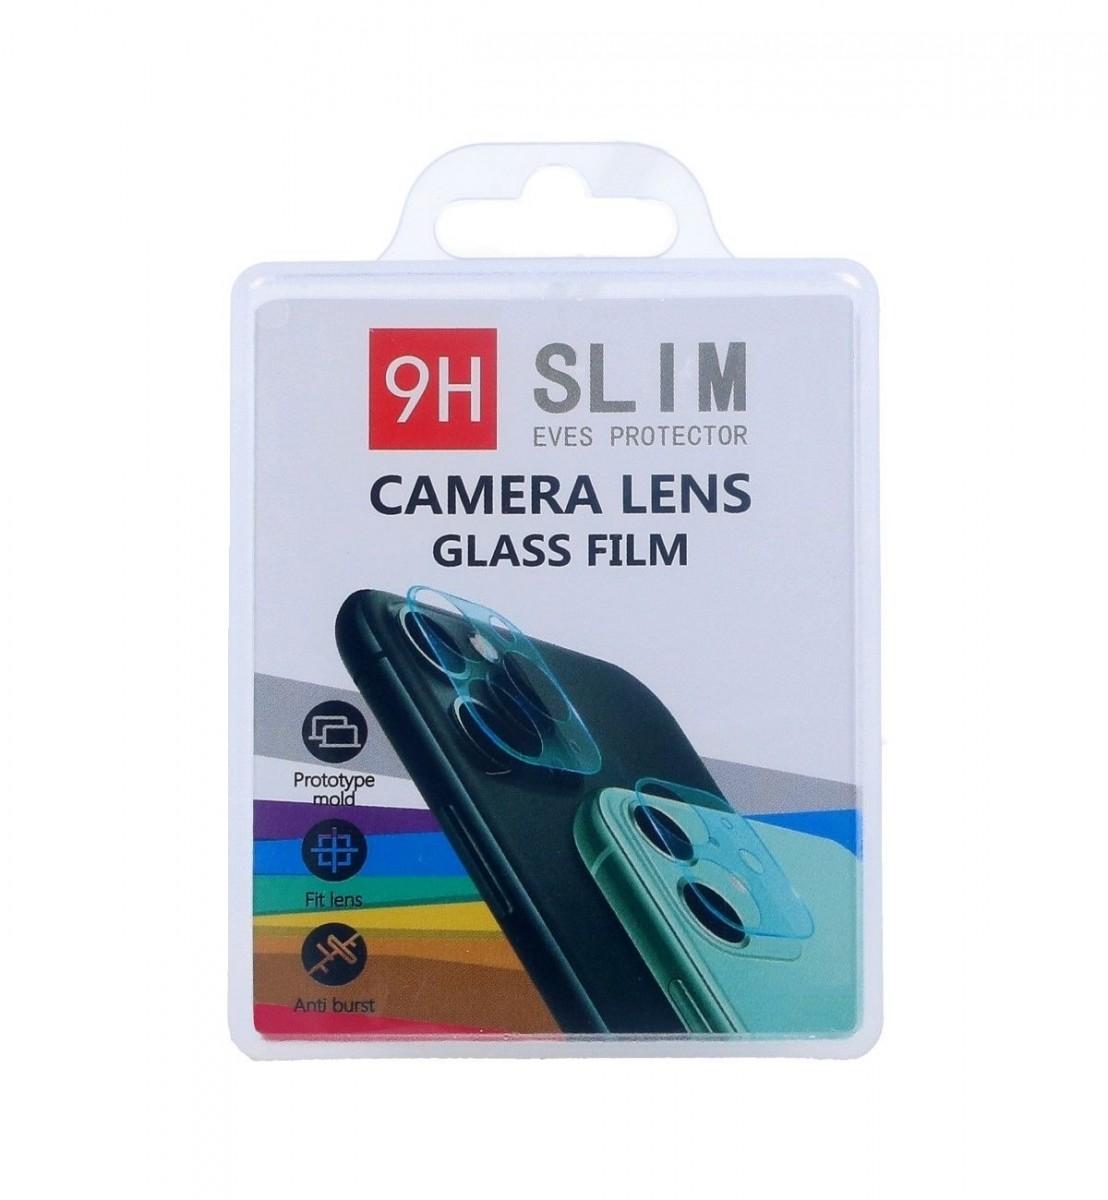 Tvrzené sklo TopQ na zadní fotoaparát Realme 7 61006 (ochranné sklo na zadní čočku fotoaparátu Realme 7)